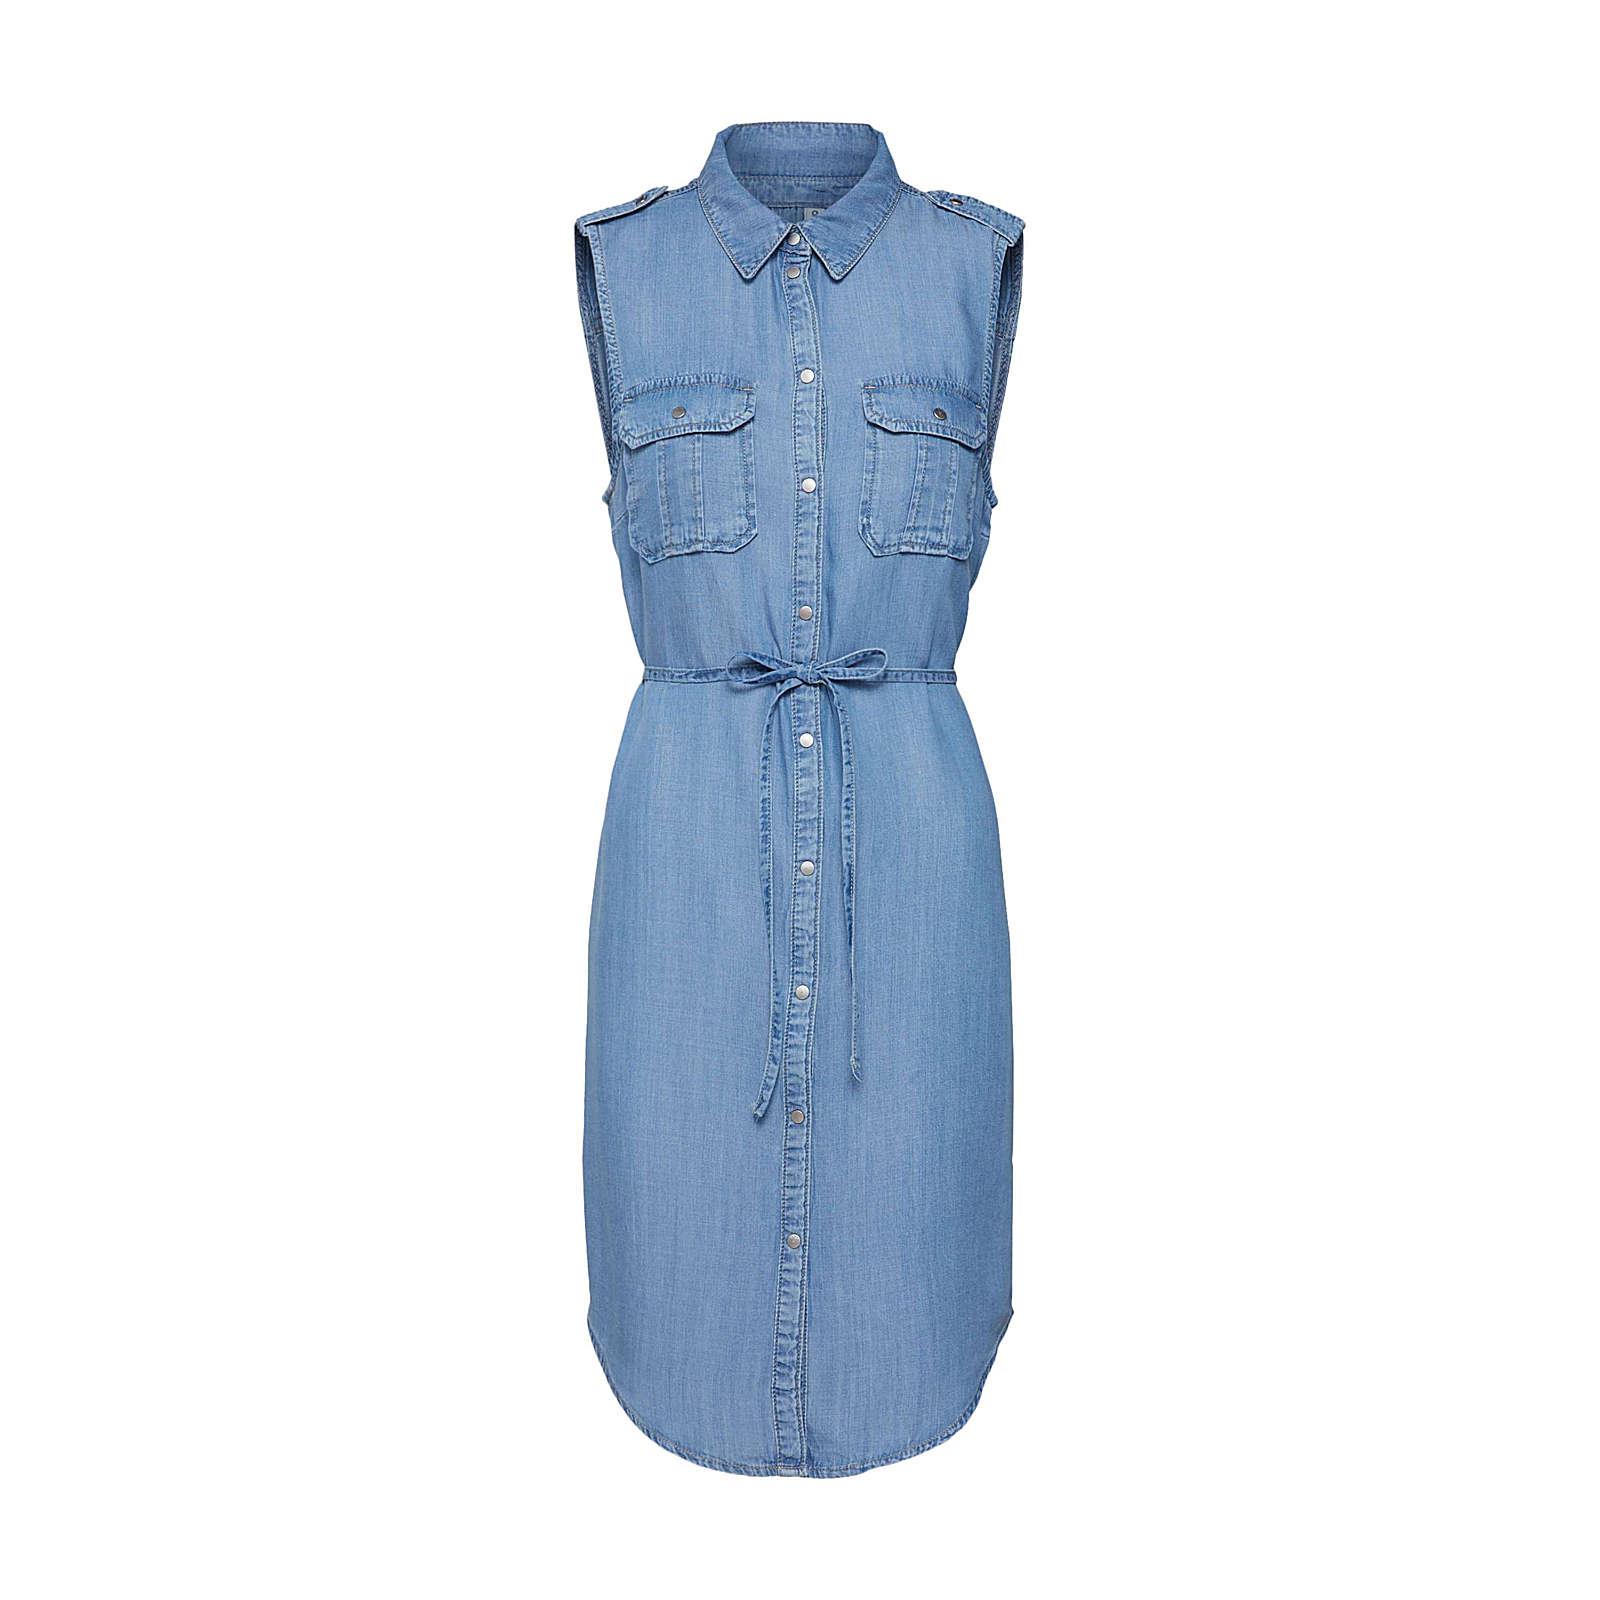 ONLY Blusenkleid Claire Blusenkleider blue denim Damen Gr. 40